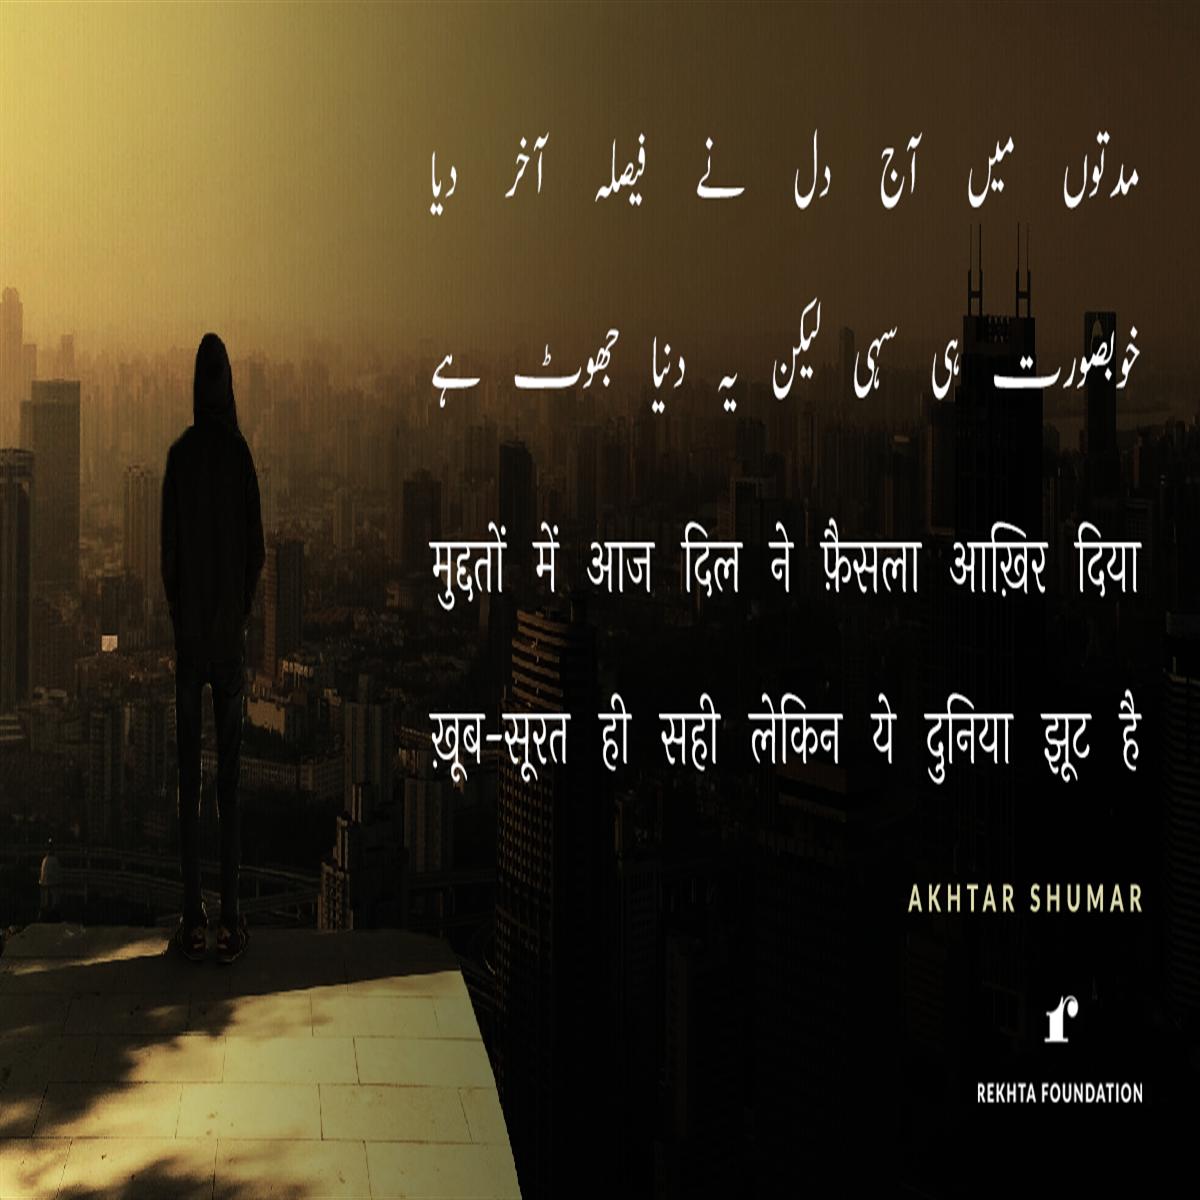 Akhtar Shumar